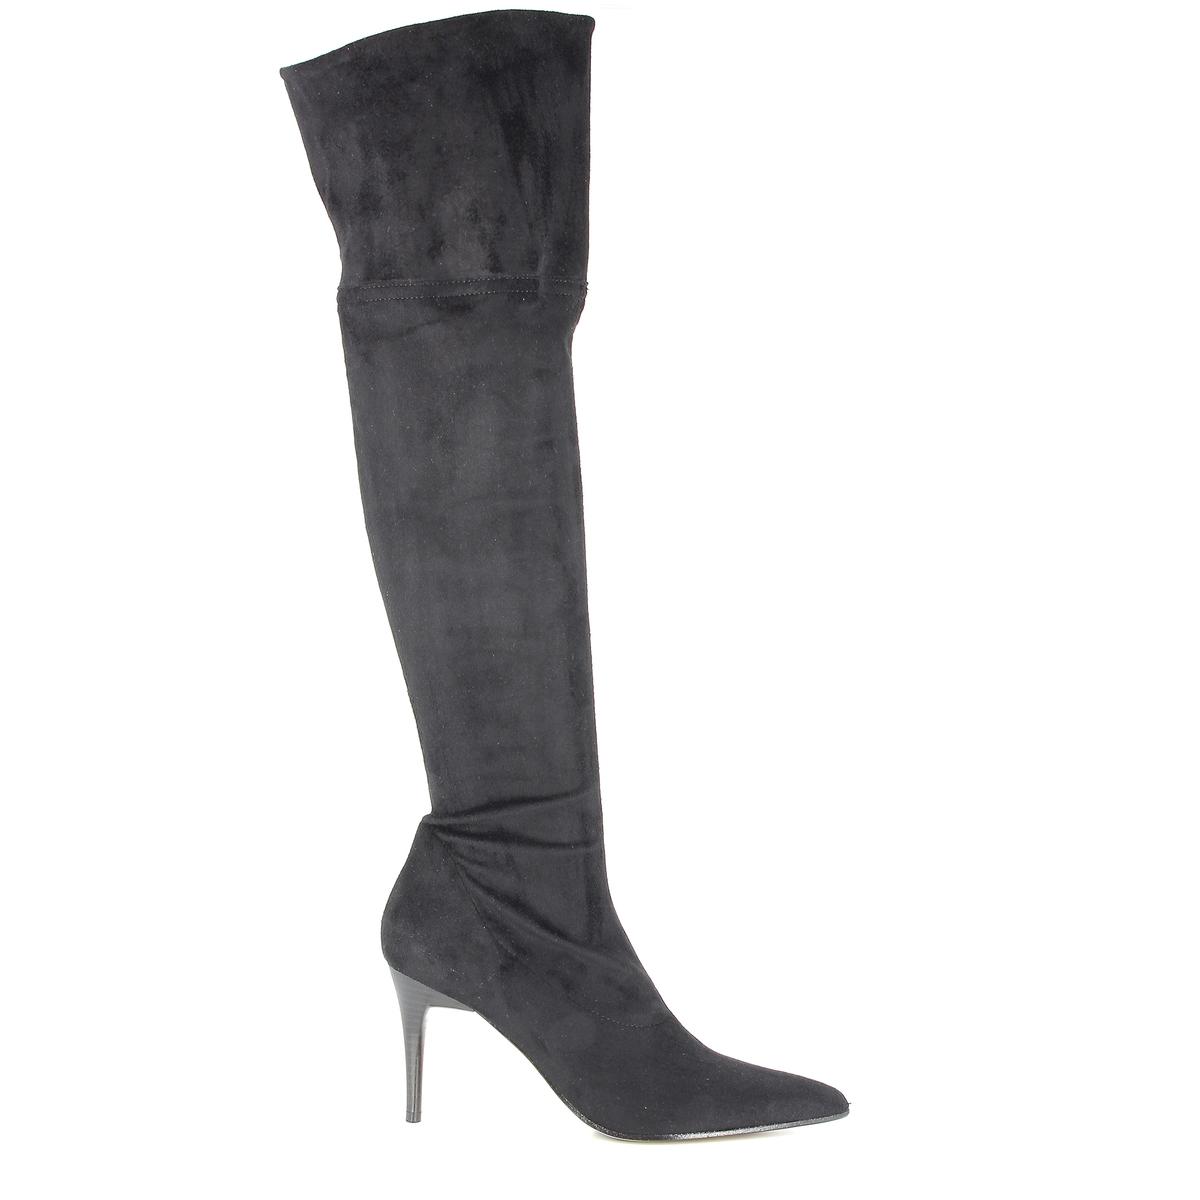 Сапоги на каблуке, LEGAПодкладка: Кожа и текстиль.        Стелька: Кожа. Подошва: Кожа и синтетика.                Высота каблука: 3,6 см.Высота голенища: 59 см.Форма каблука: Шпилька.Мысок: Круглый.        Застежка: На молнию.<br><br>Цвет: черный